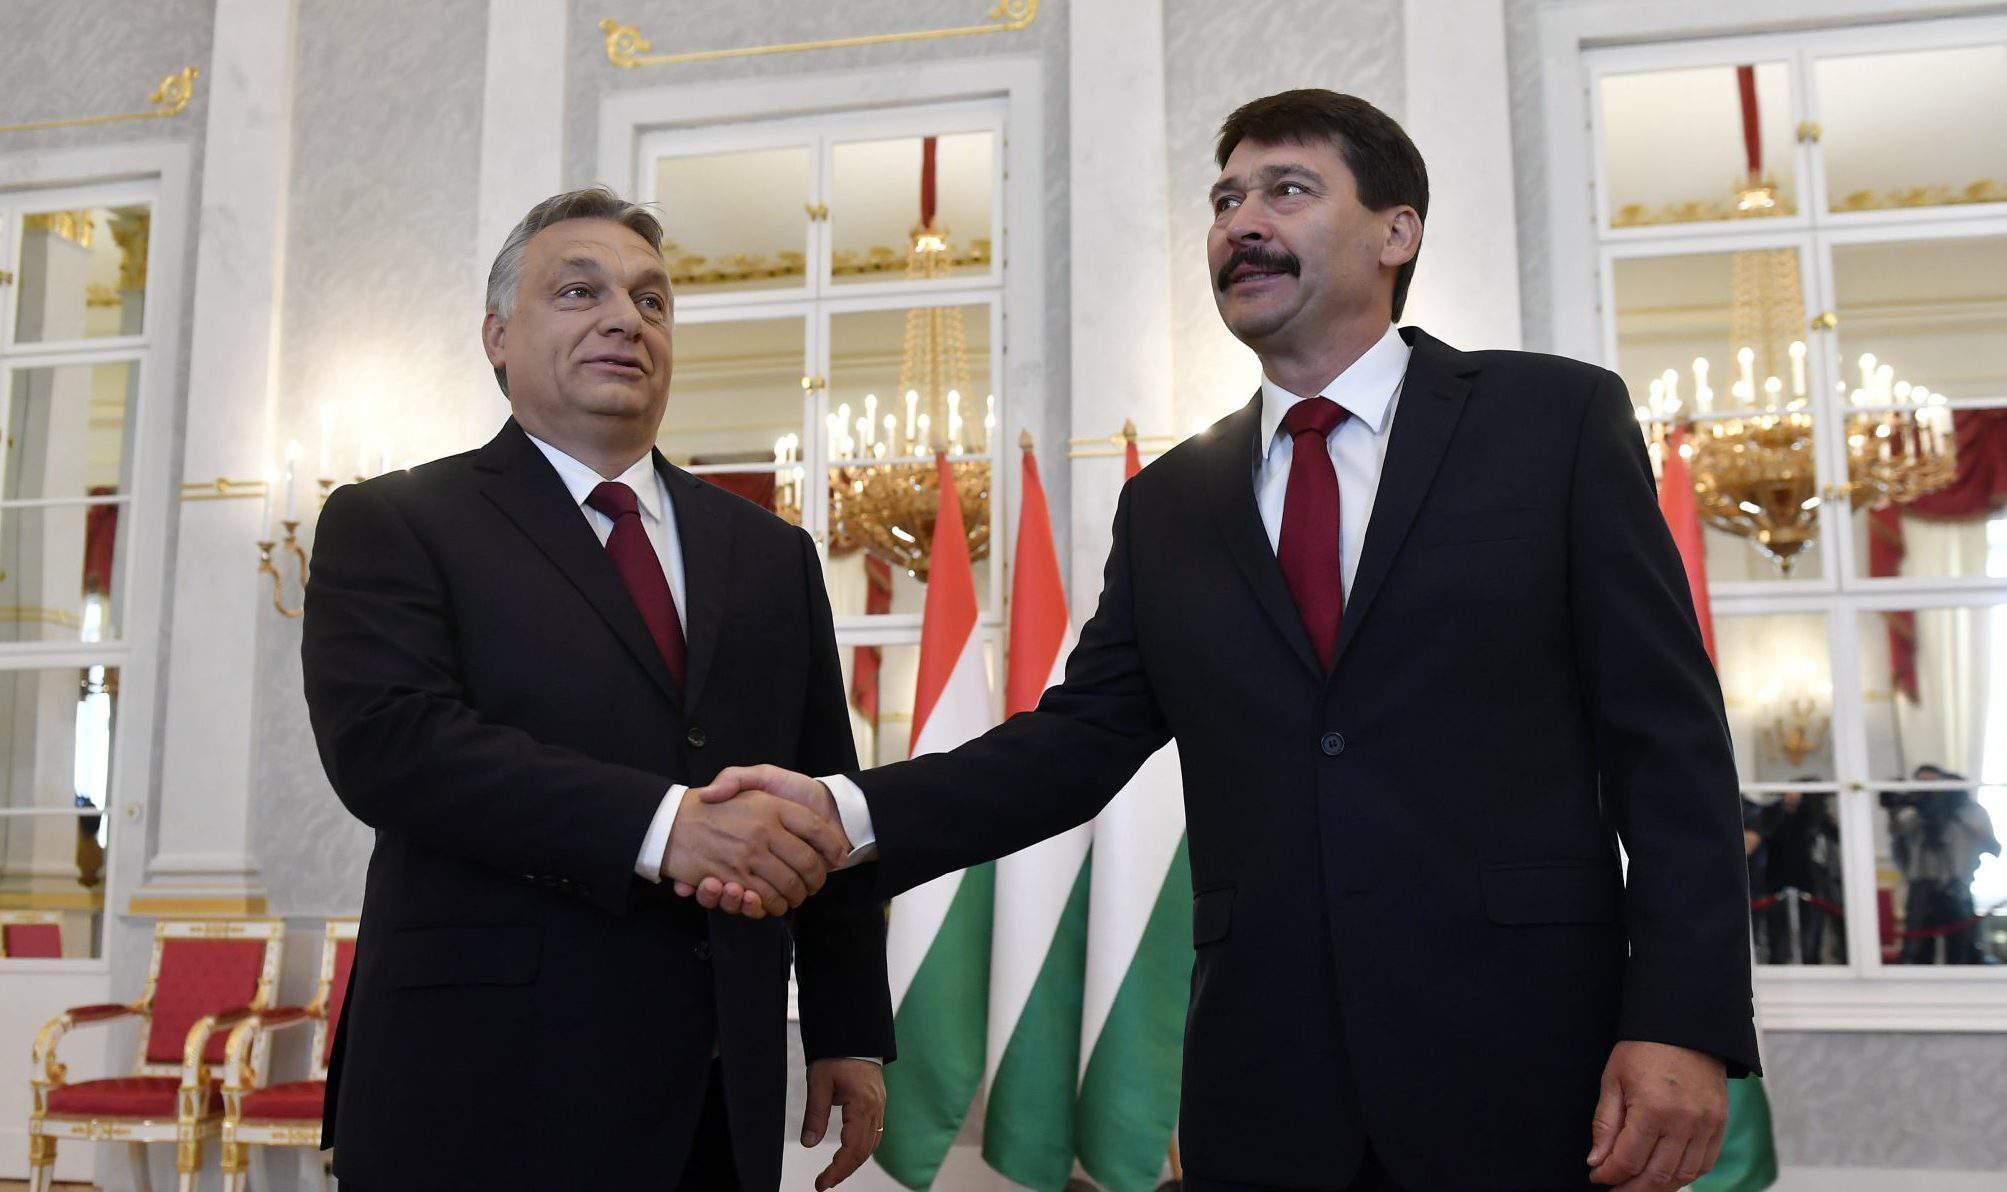 Prime Minister Orbán President Áder Hungary